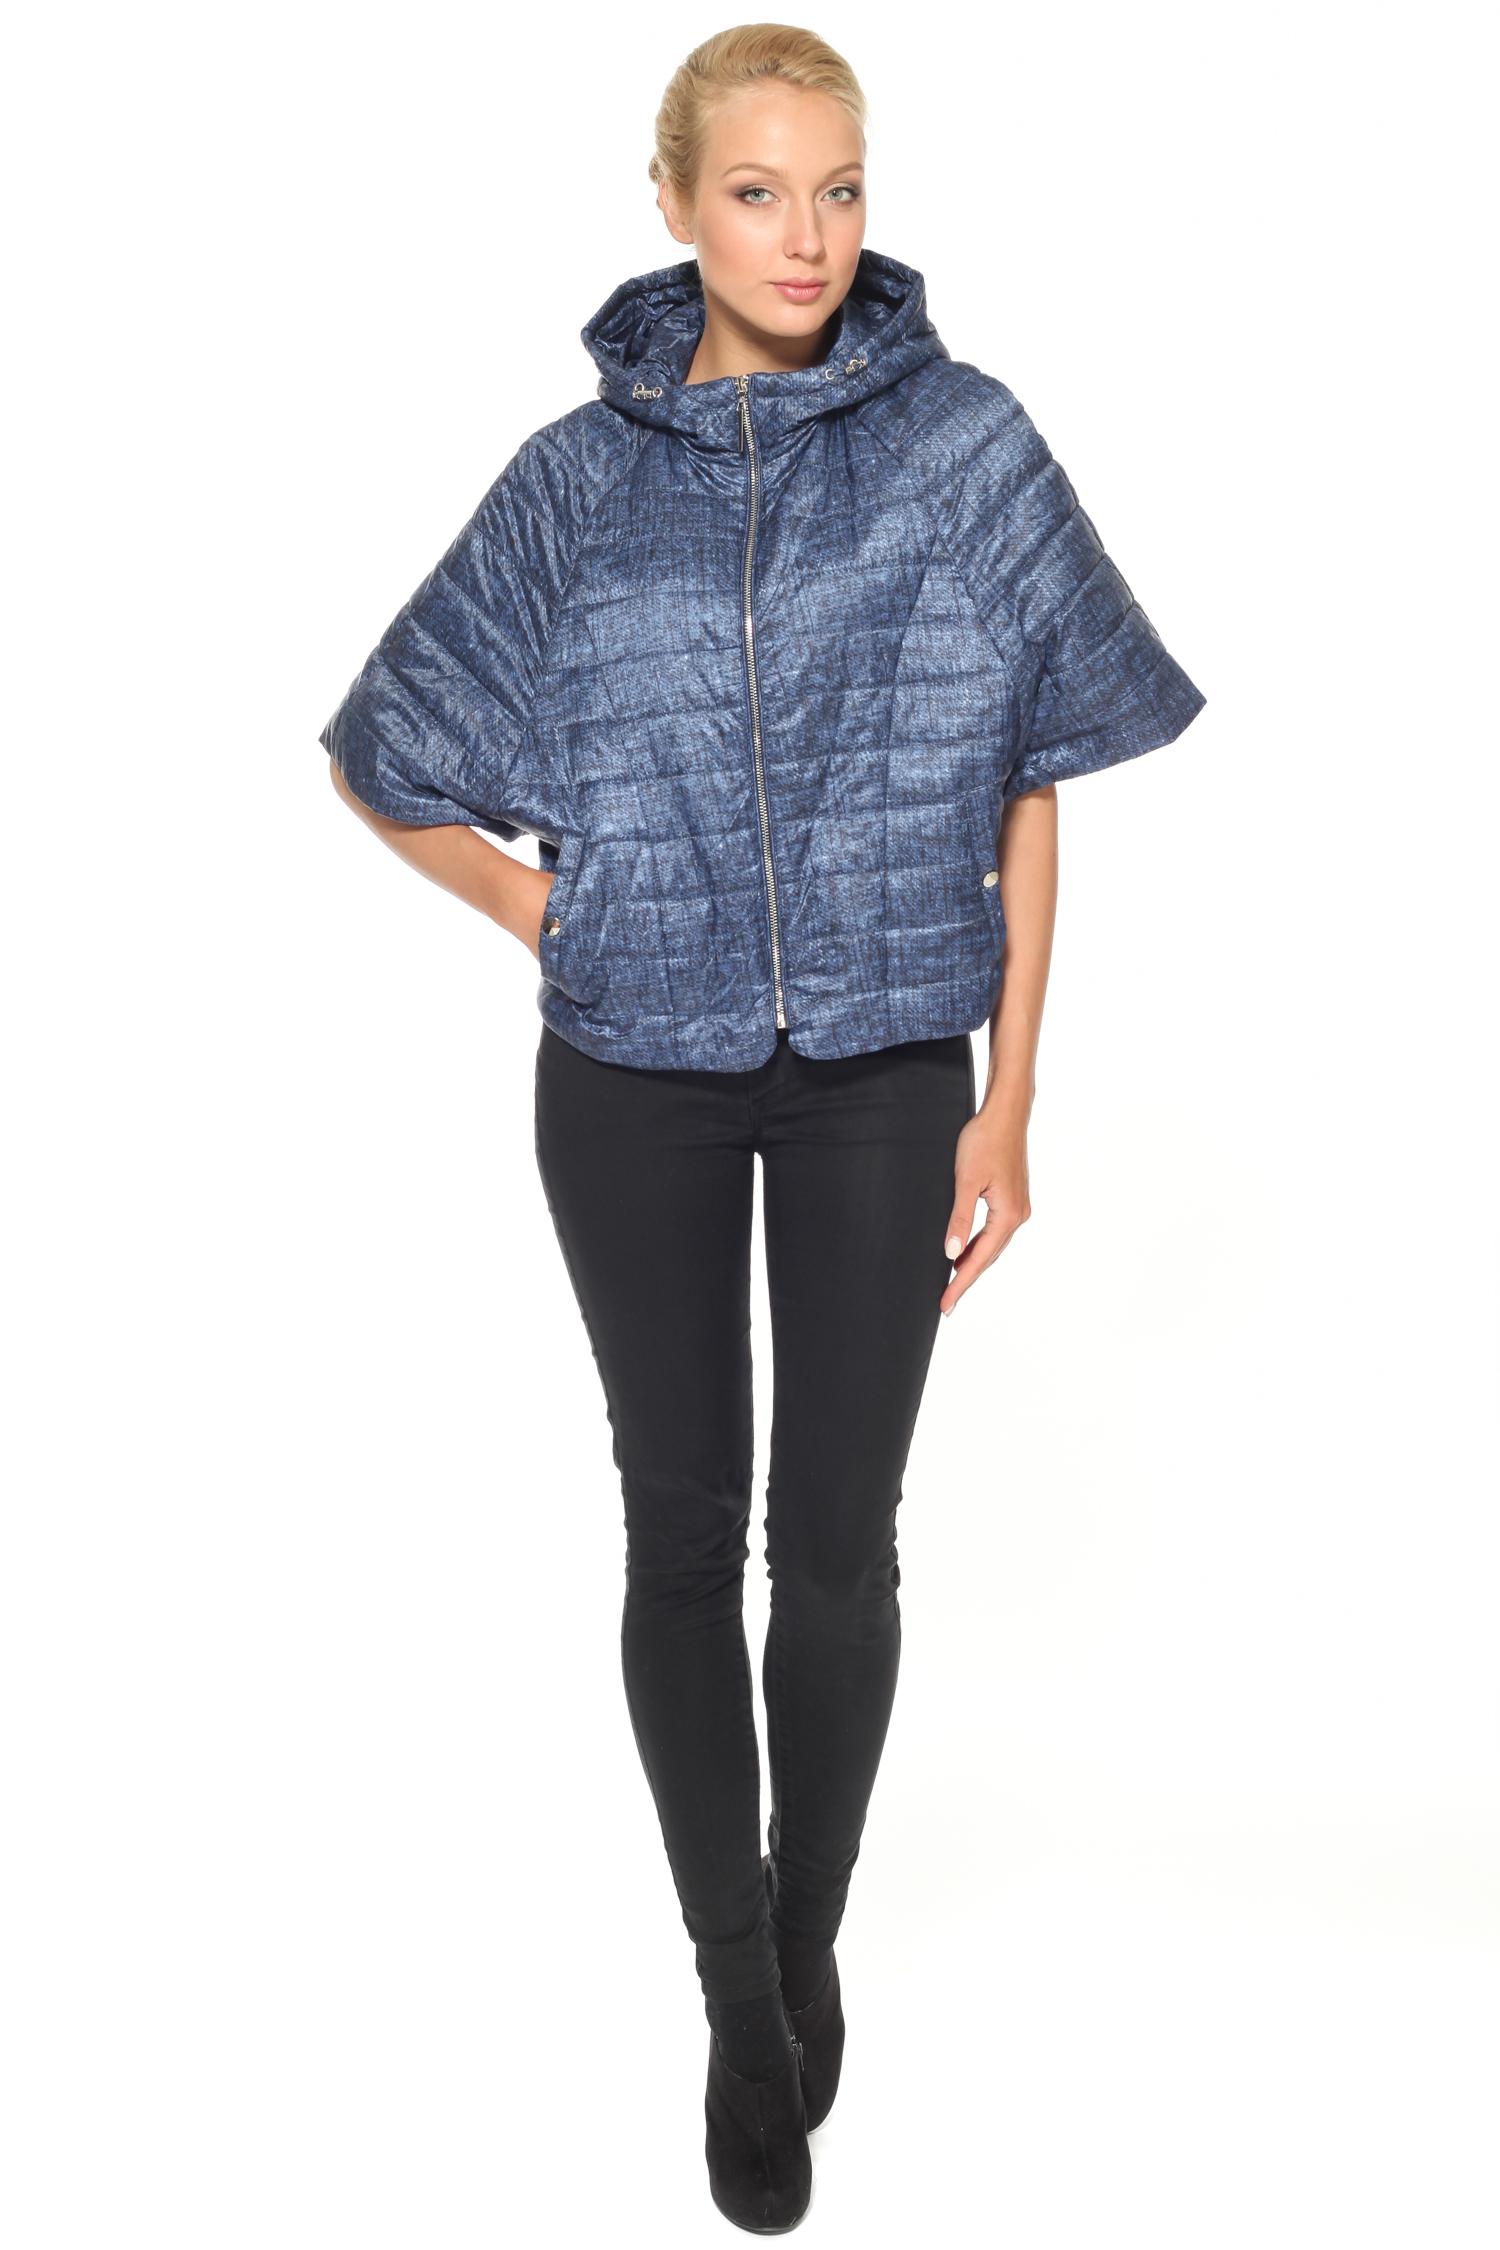 Куртка женская с капюшоном, без отделки от Московская Меховая Компания